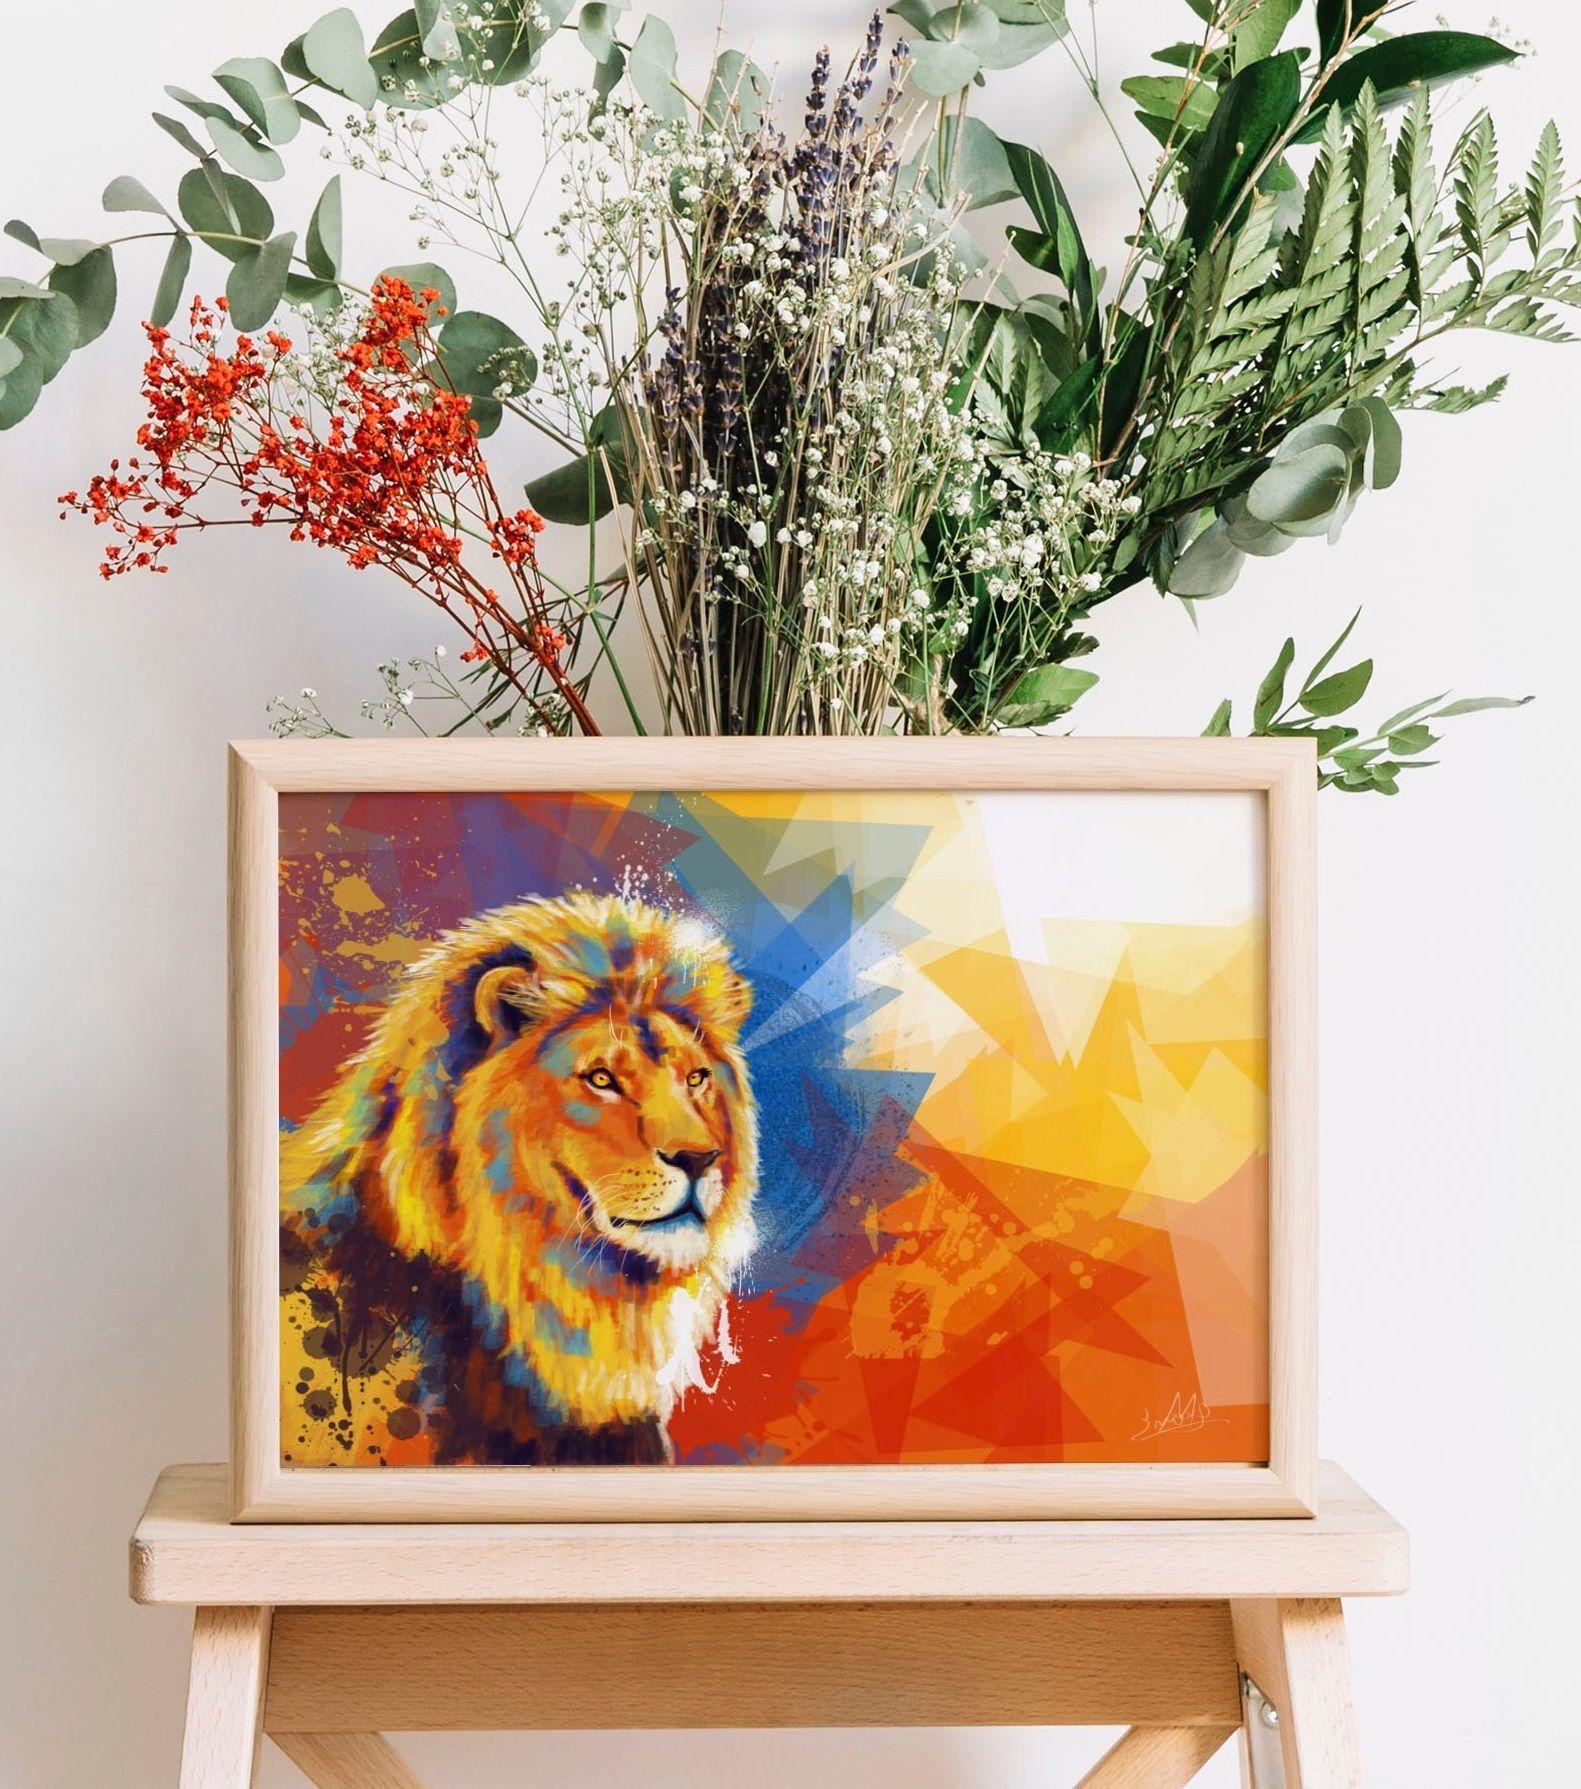 Lion Art Print Colorful Animal Wall Decor Lion Wall Art Colorful Lion Art Posters Art Prints